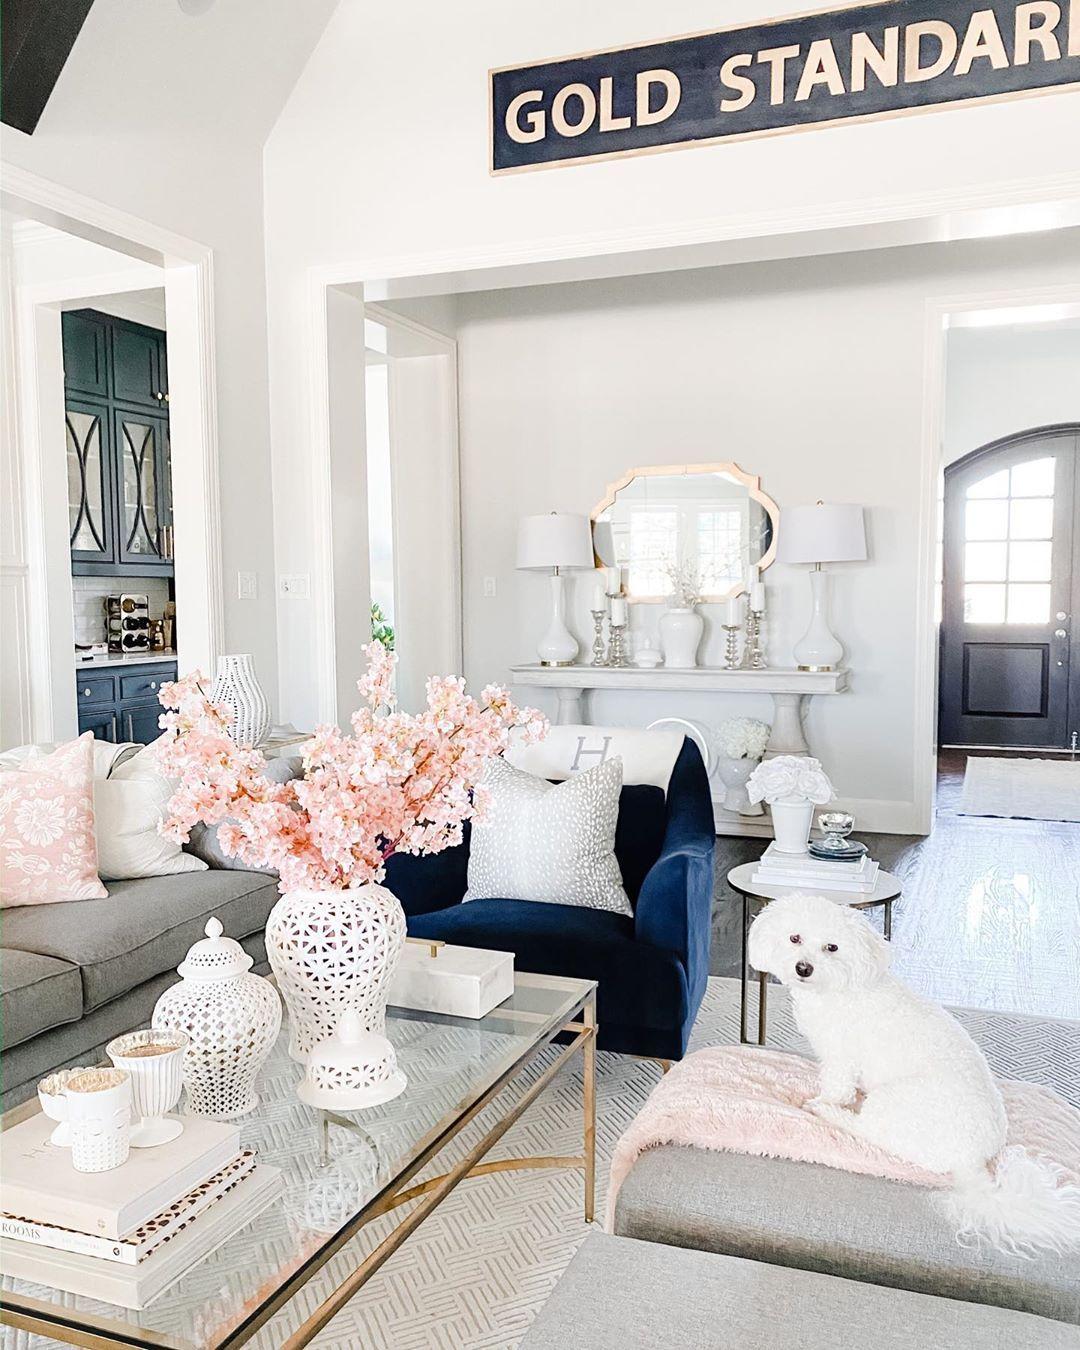 Glam Wohnzimmer mit Goldrahmen Glas Couchtisch via @shannongolddesign